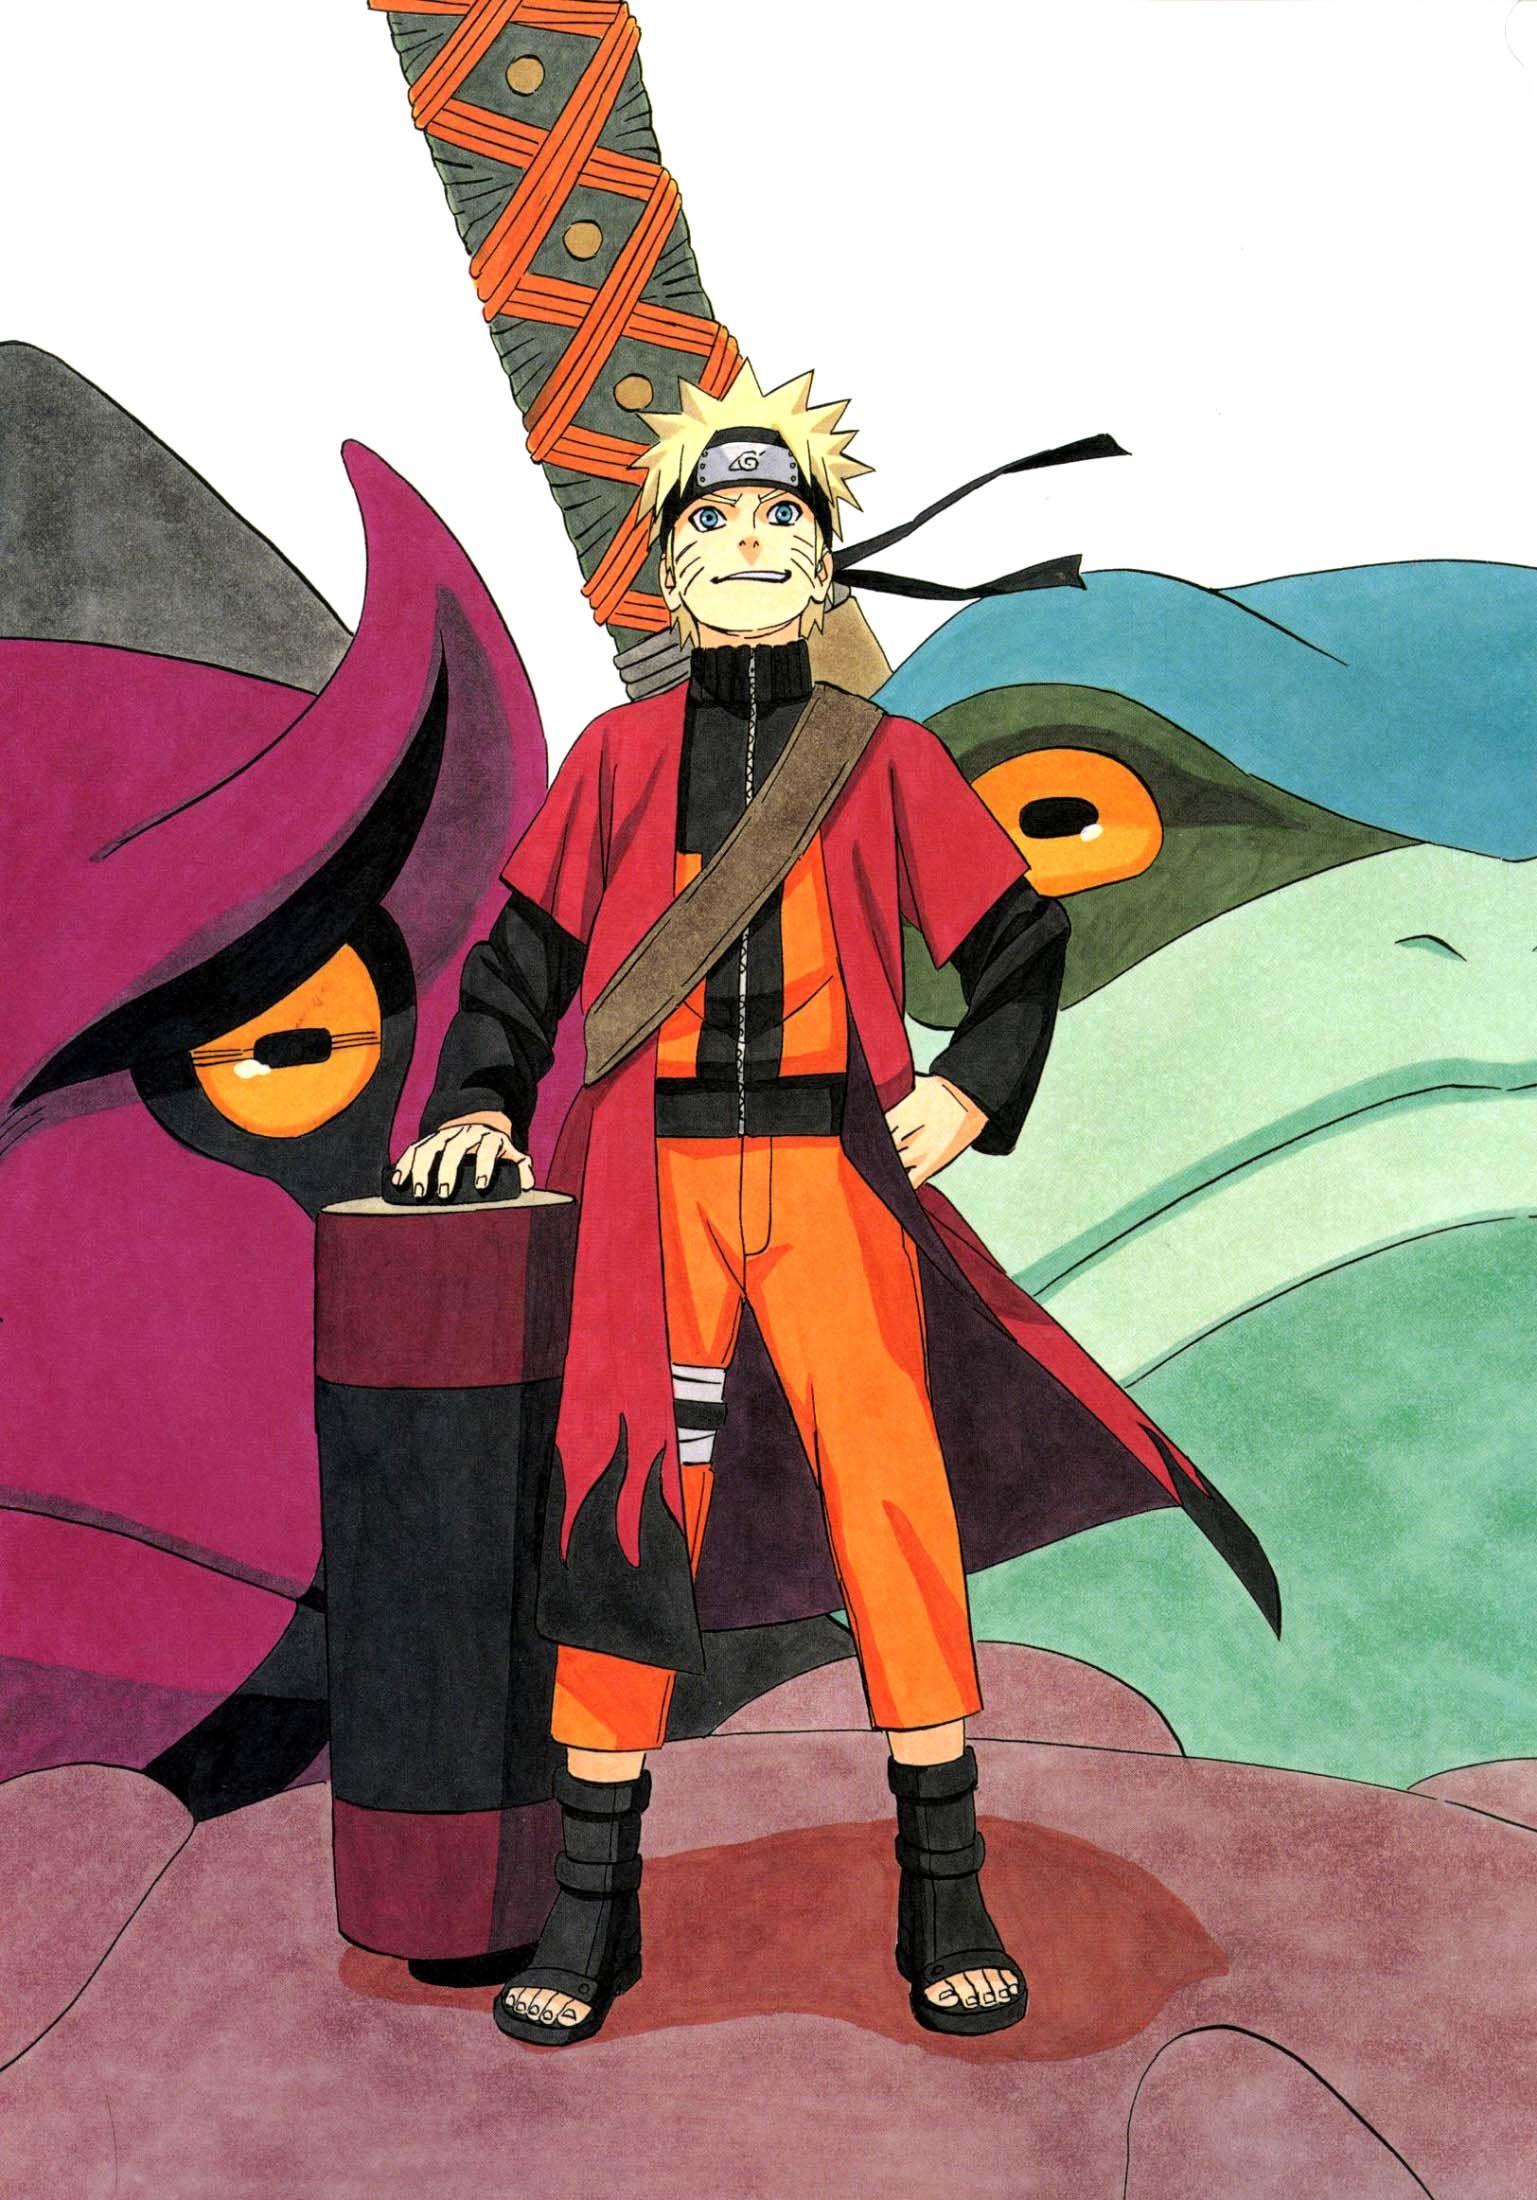 Naruto Uzumaki | Naruto uzumaki, Anime naruto, Naruto shippuden